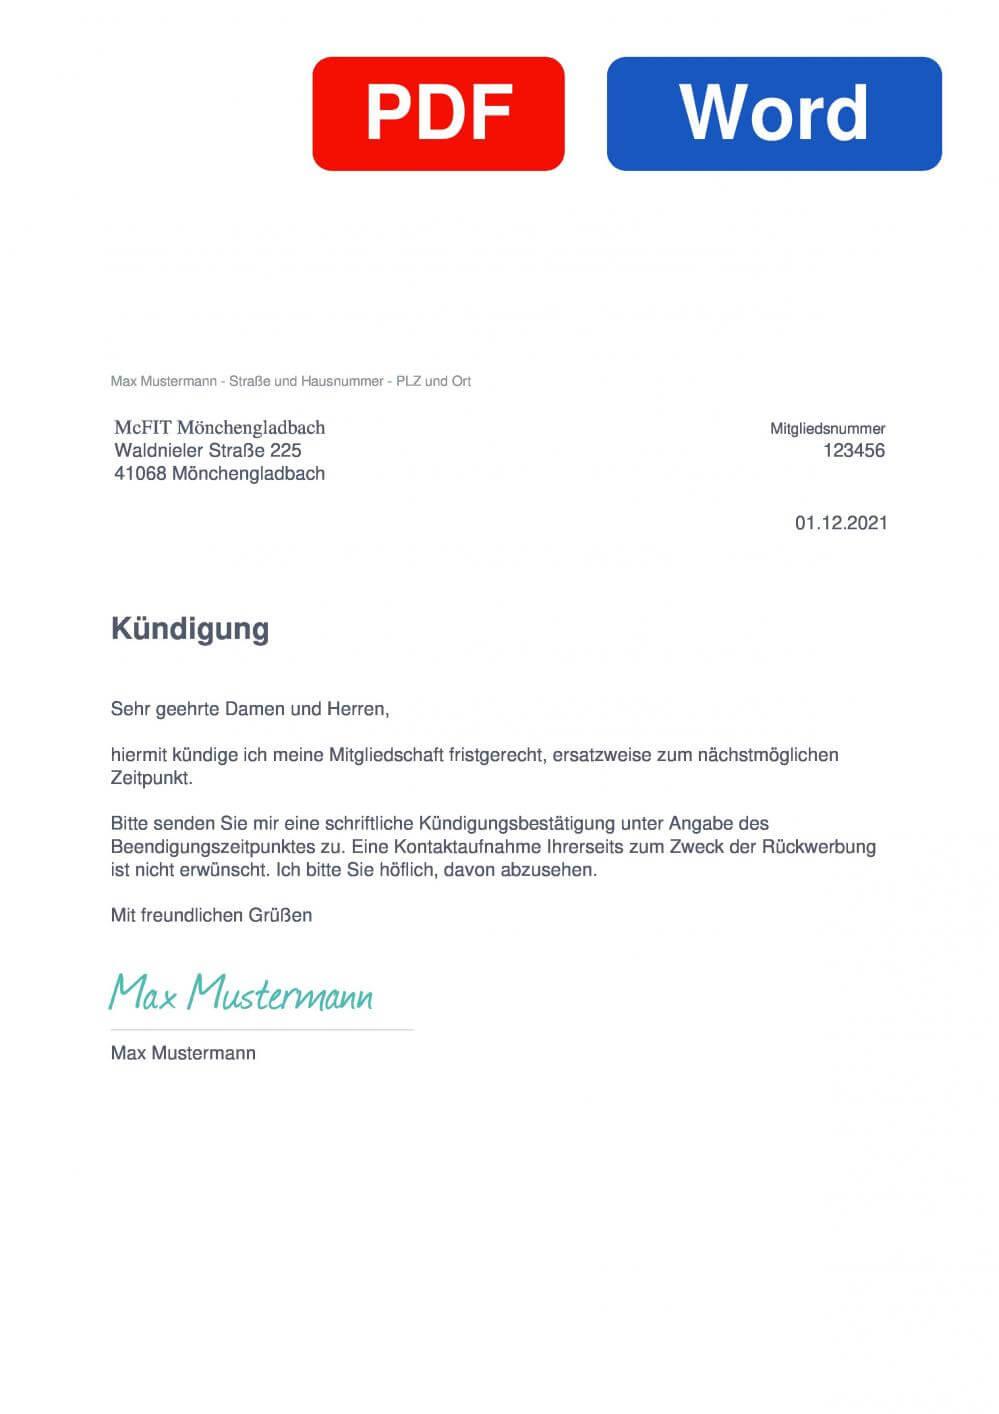 McFIT Mönchengladbach Muster Vorlage für Kündigungsschreiben